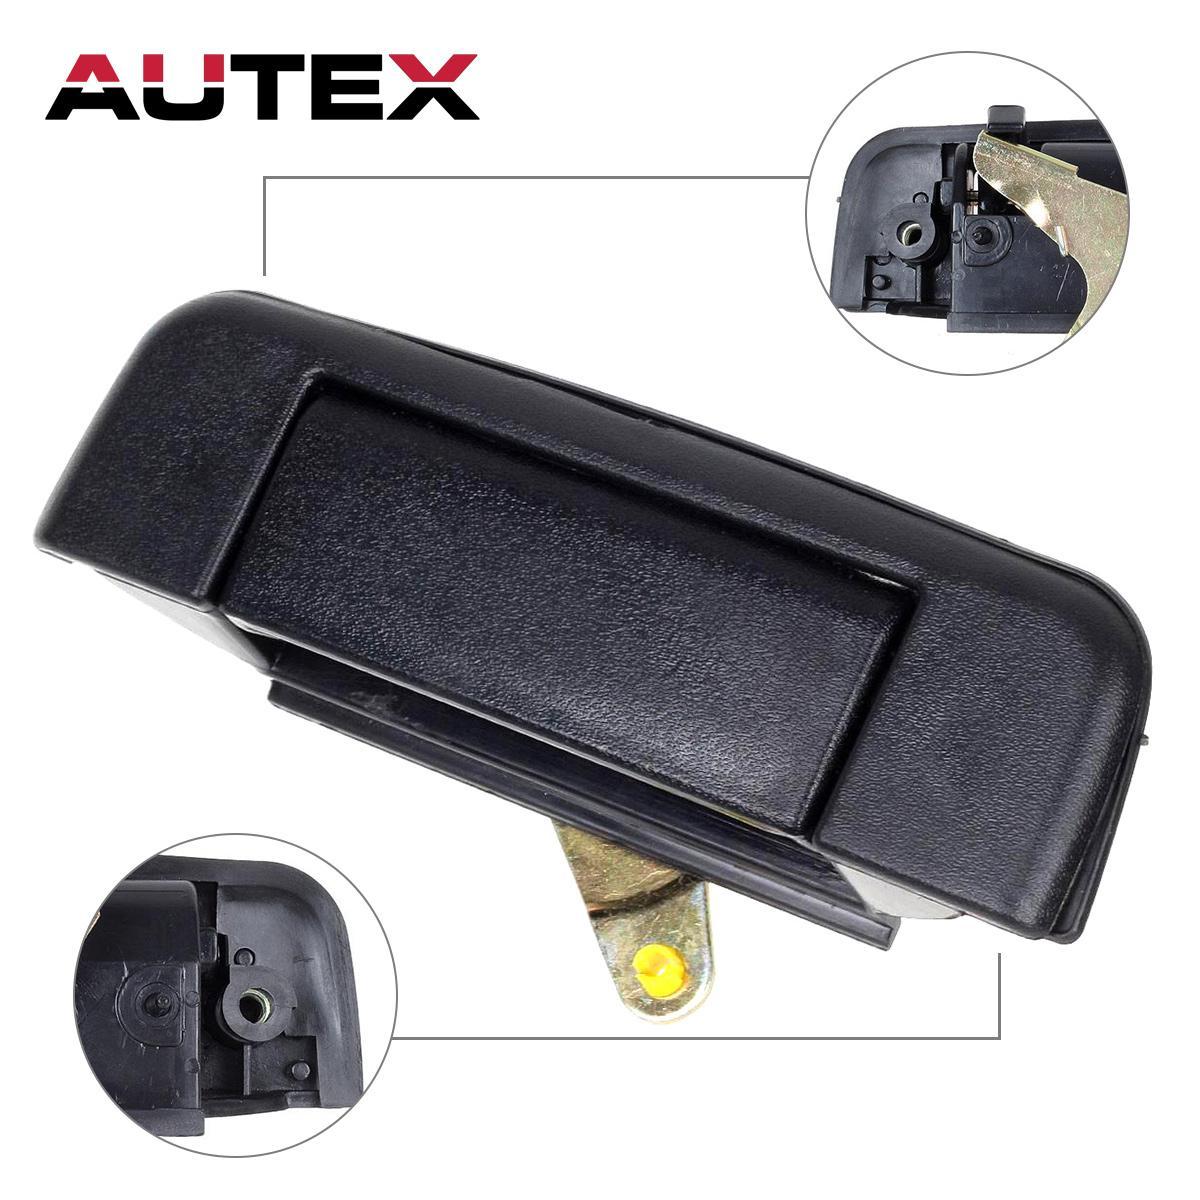 Service manual 1989 audi 100 rear door handle replacement for Back door replacement